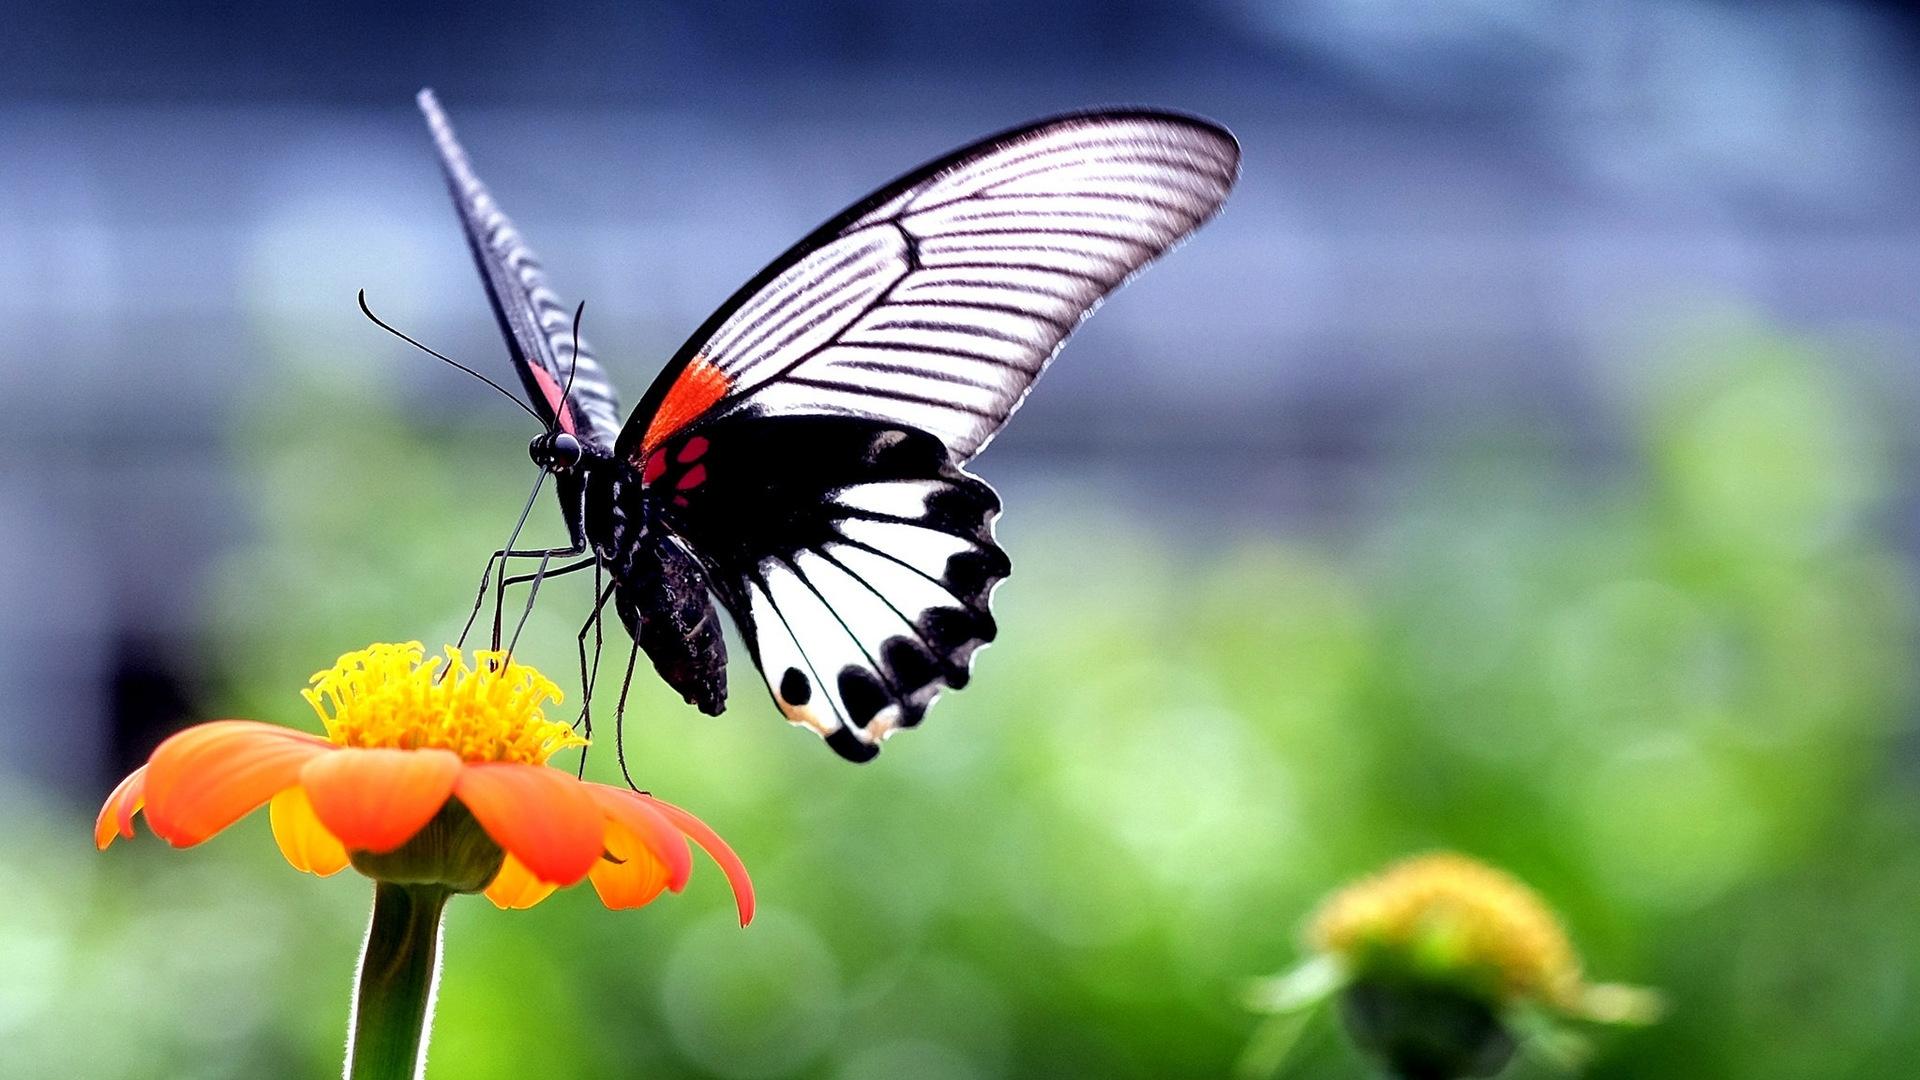 Beautiful Butterfly on Orange Flower 1920 x 1080 HDTV ...